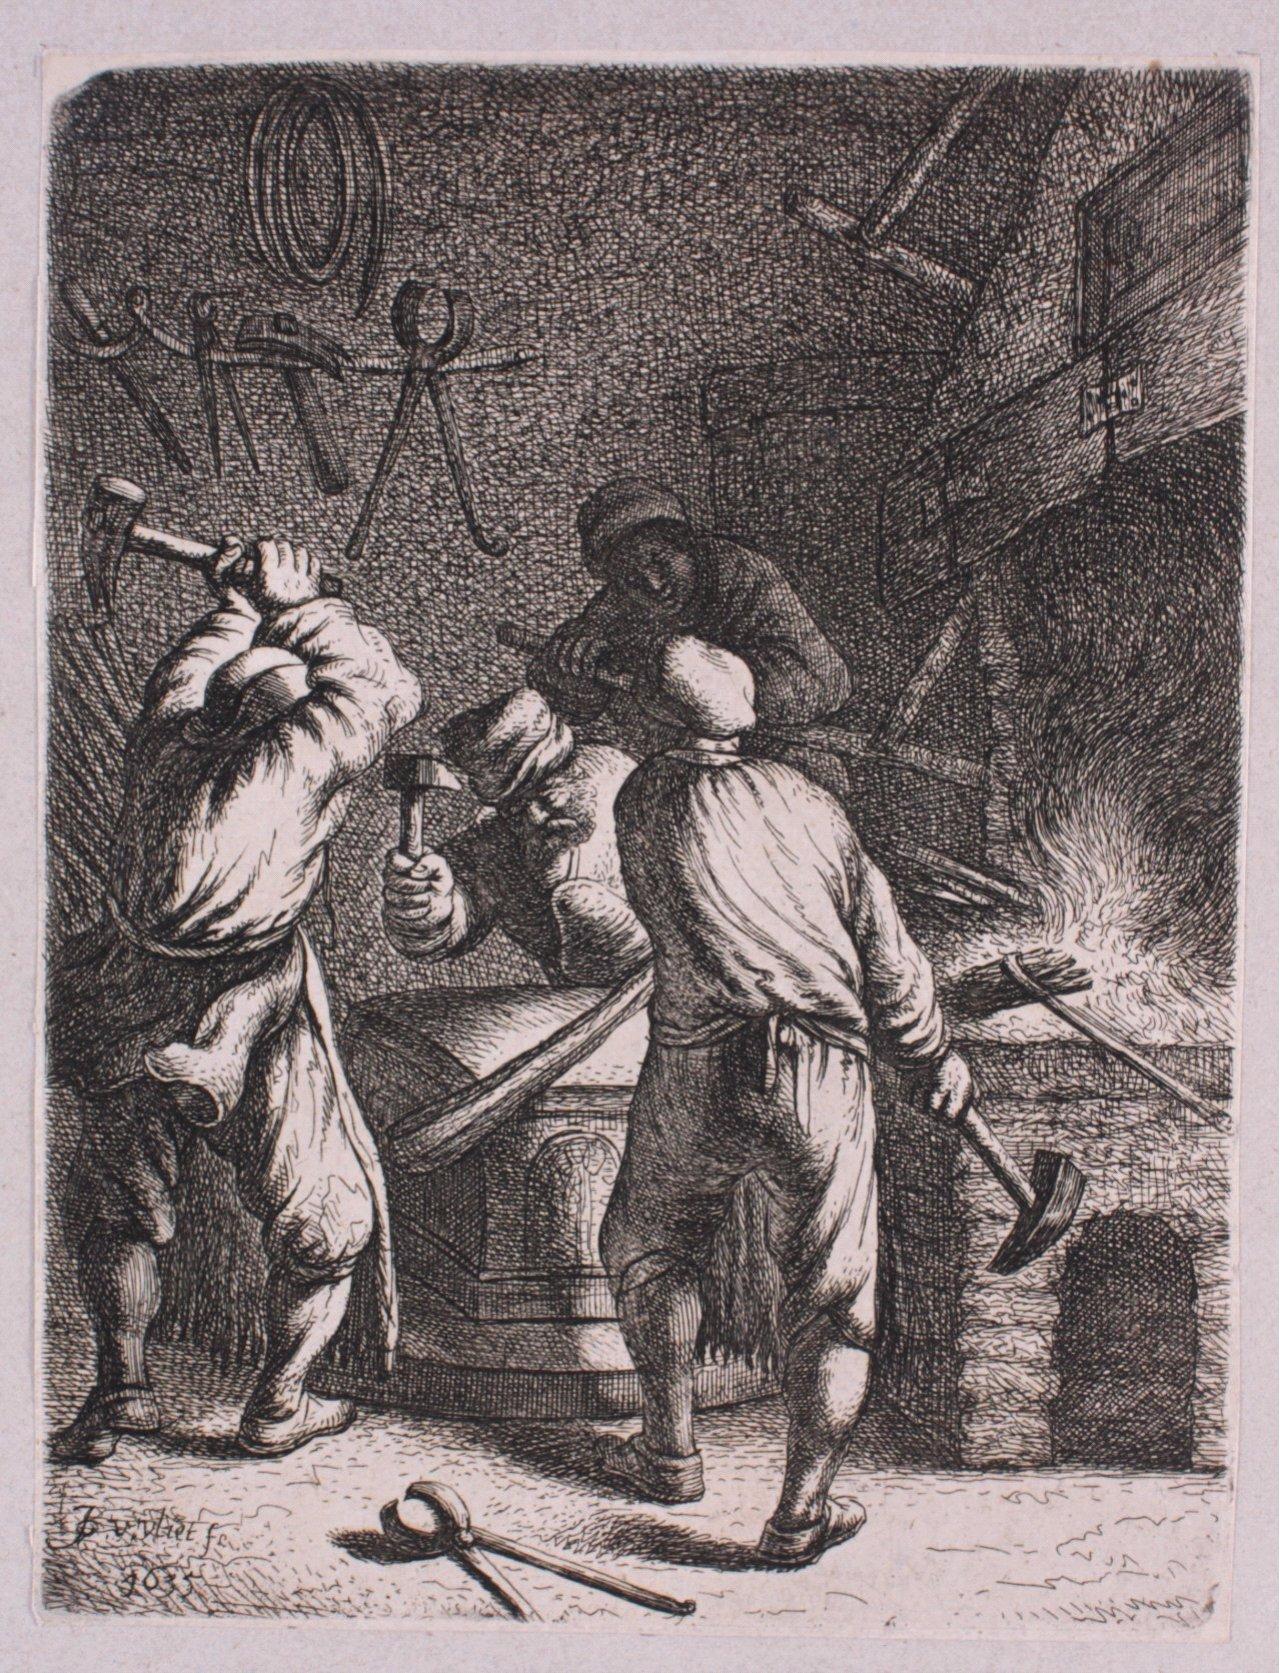 Jan Georg Vliet (ca. 1610-1637)